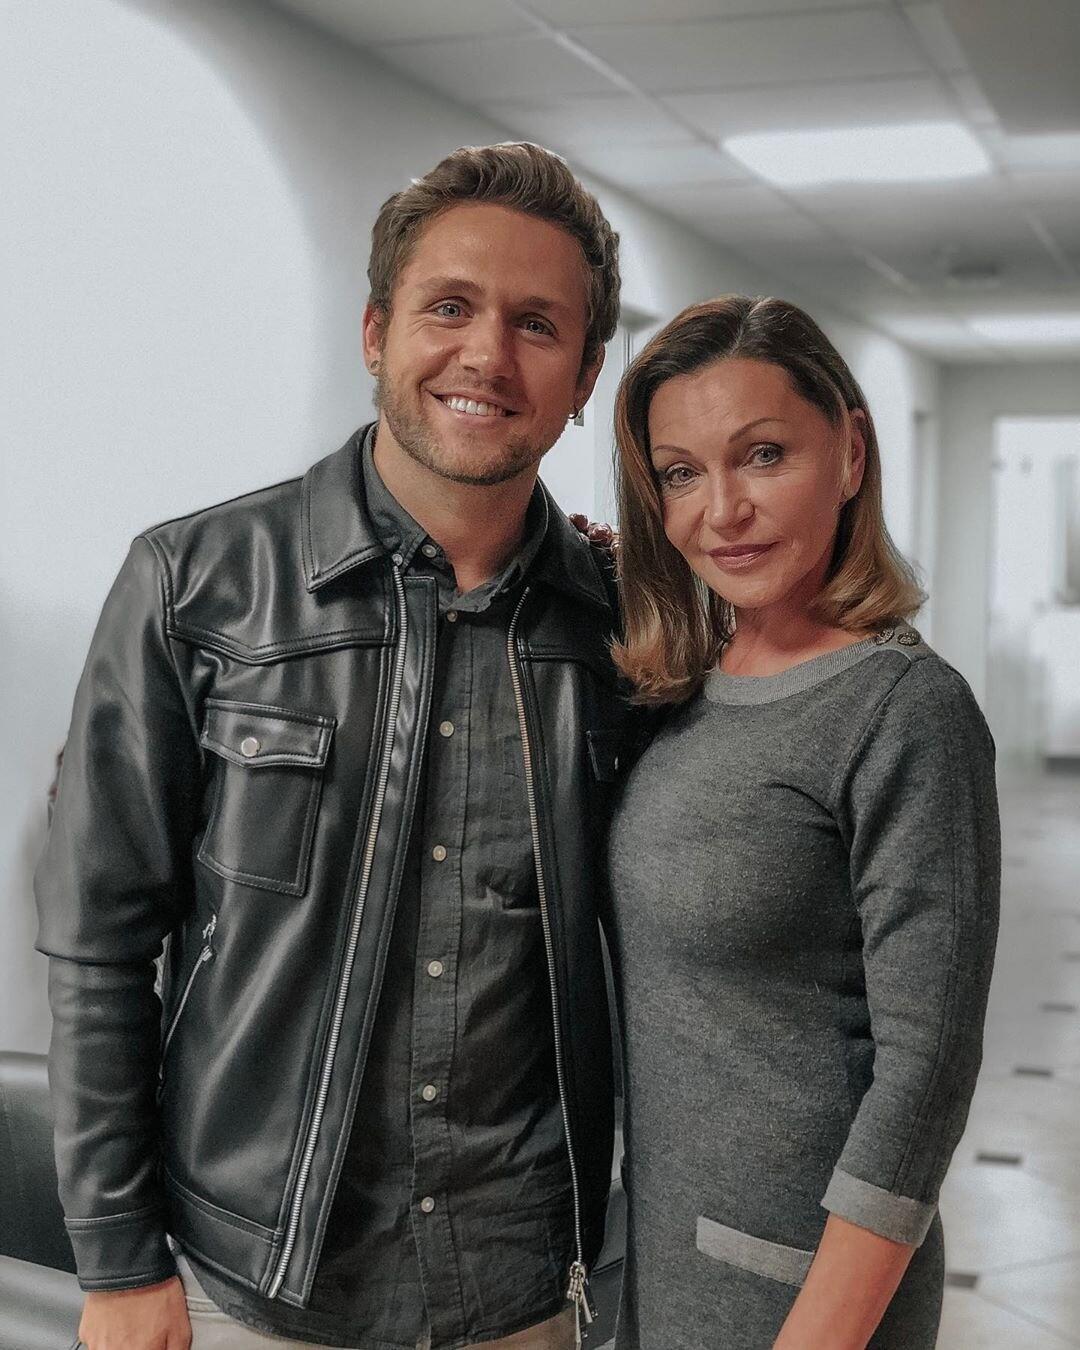 Влад Соколовский забрал маму из клиники после пластической операции (видео)